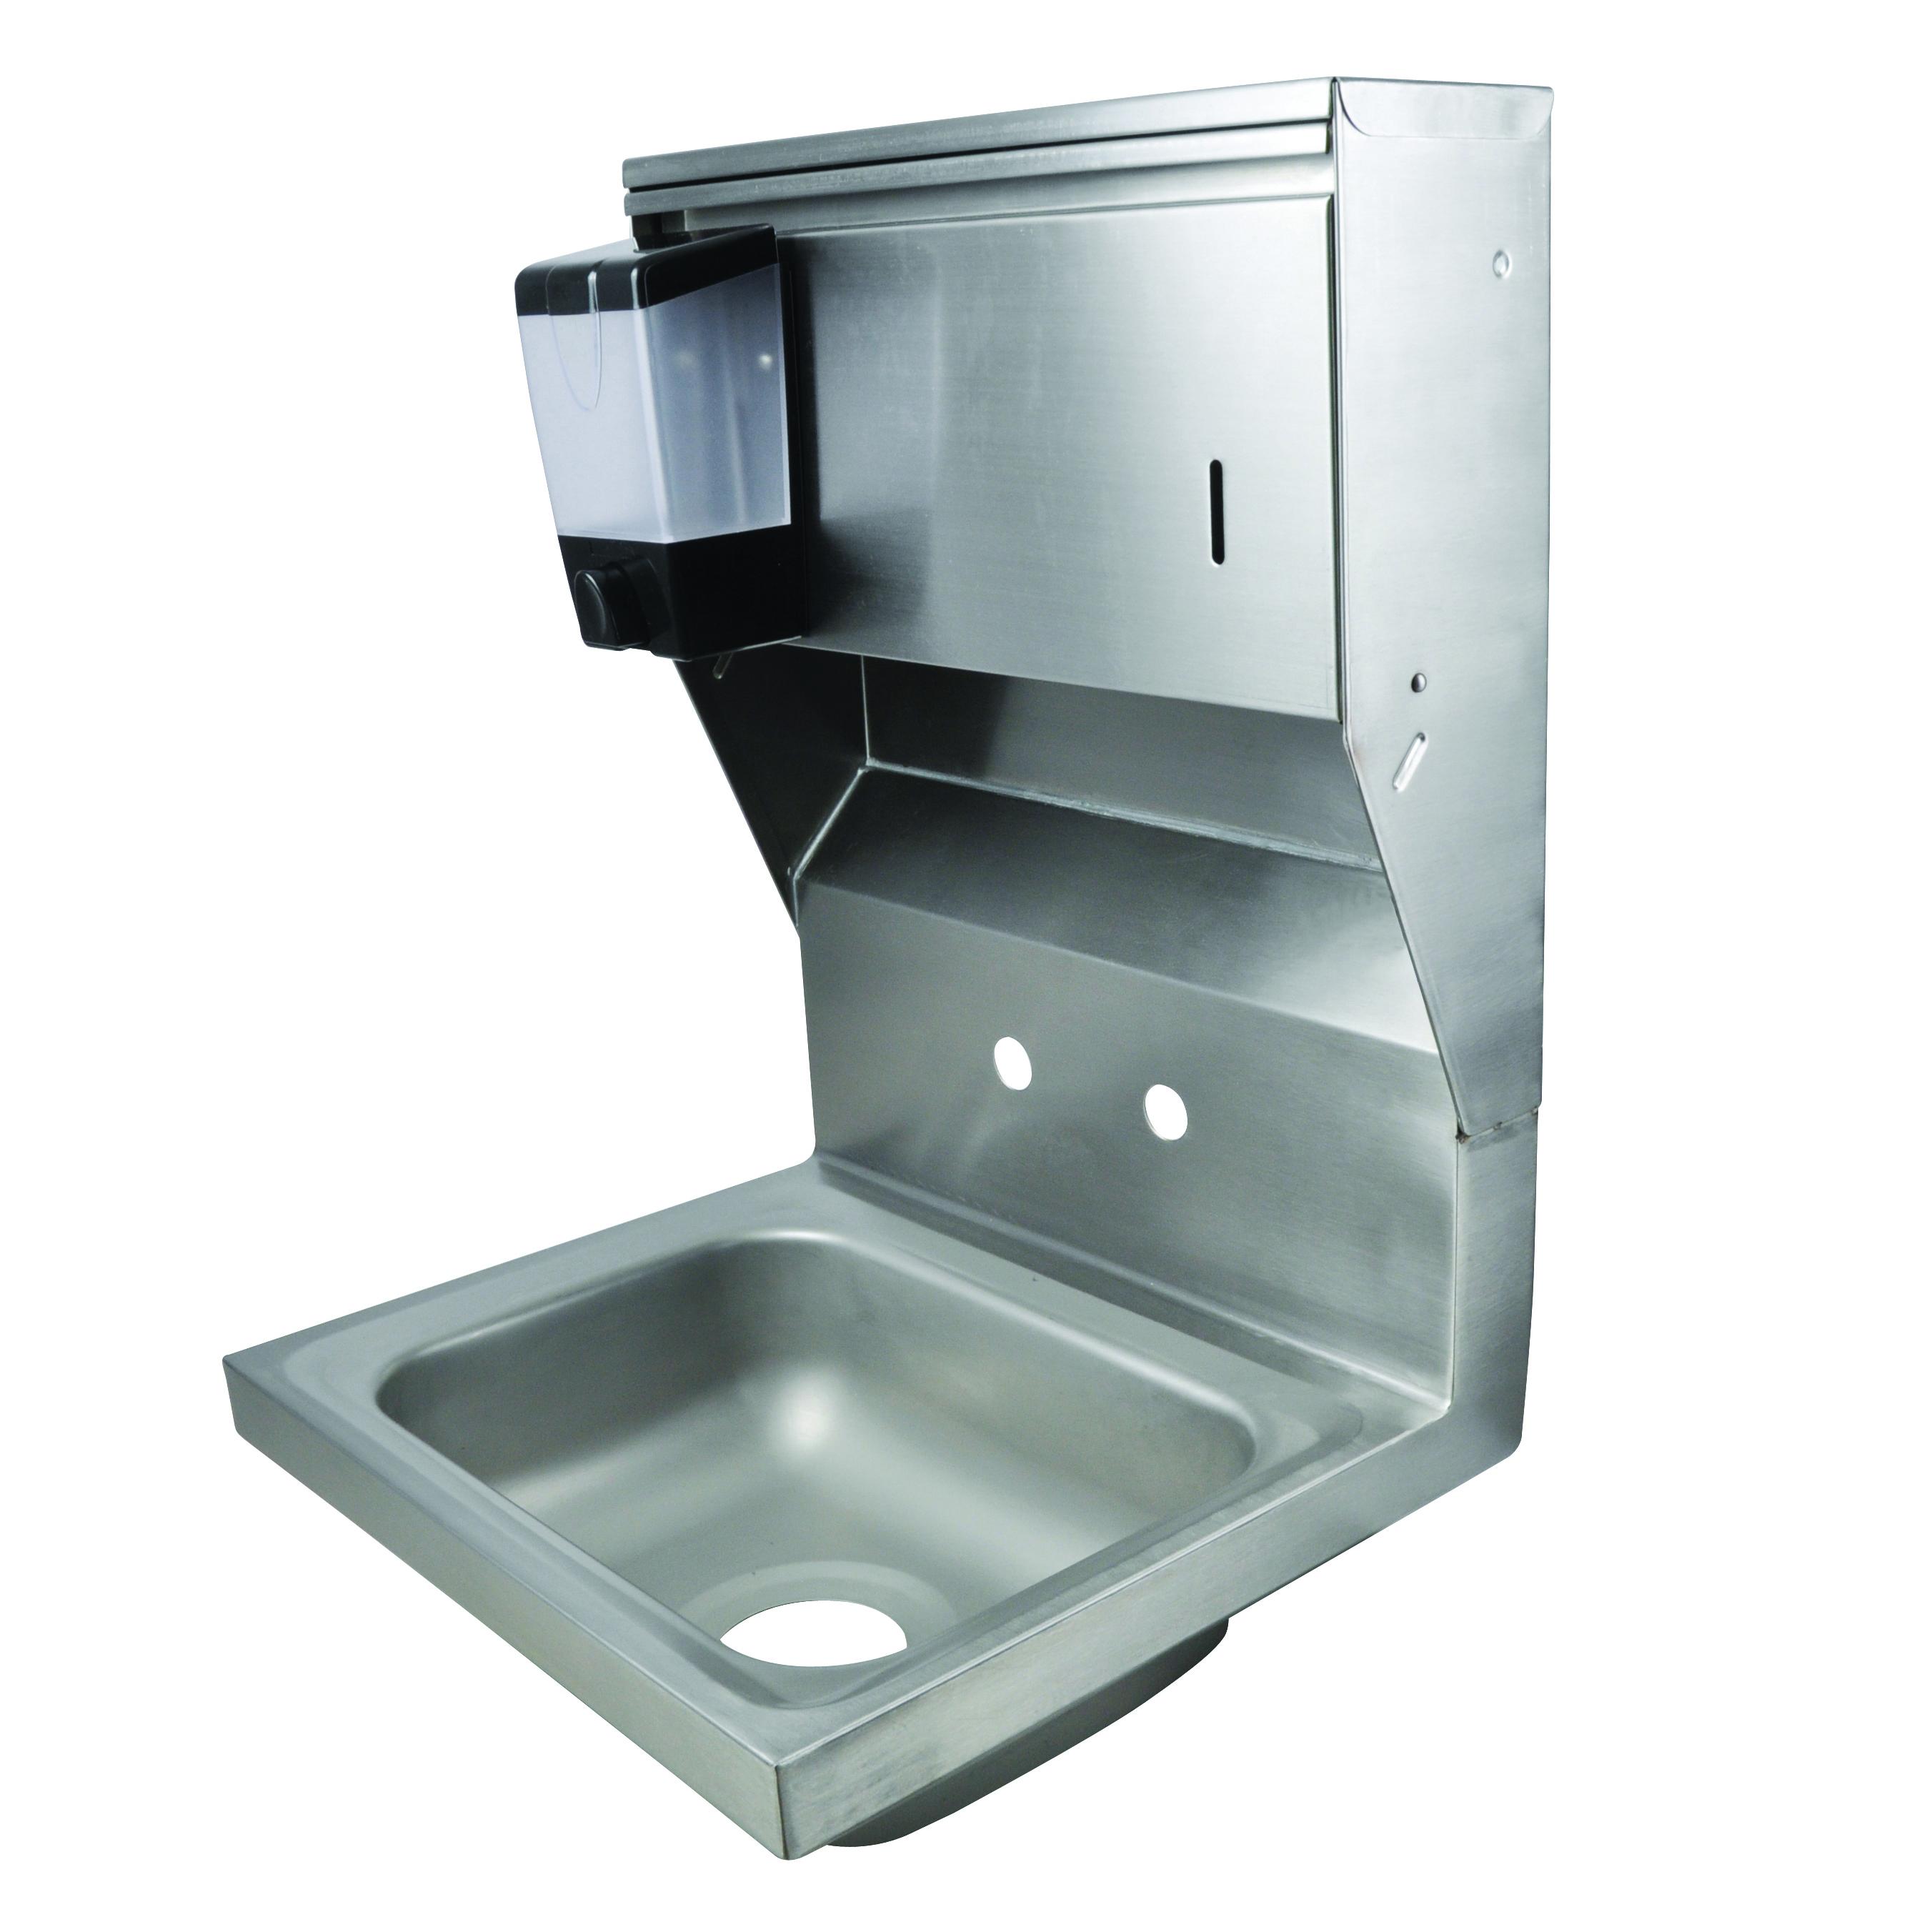 BK Resources BKHS-W-1410-4D-TD sink, hand